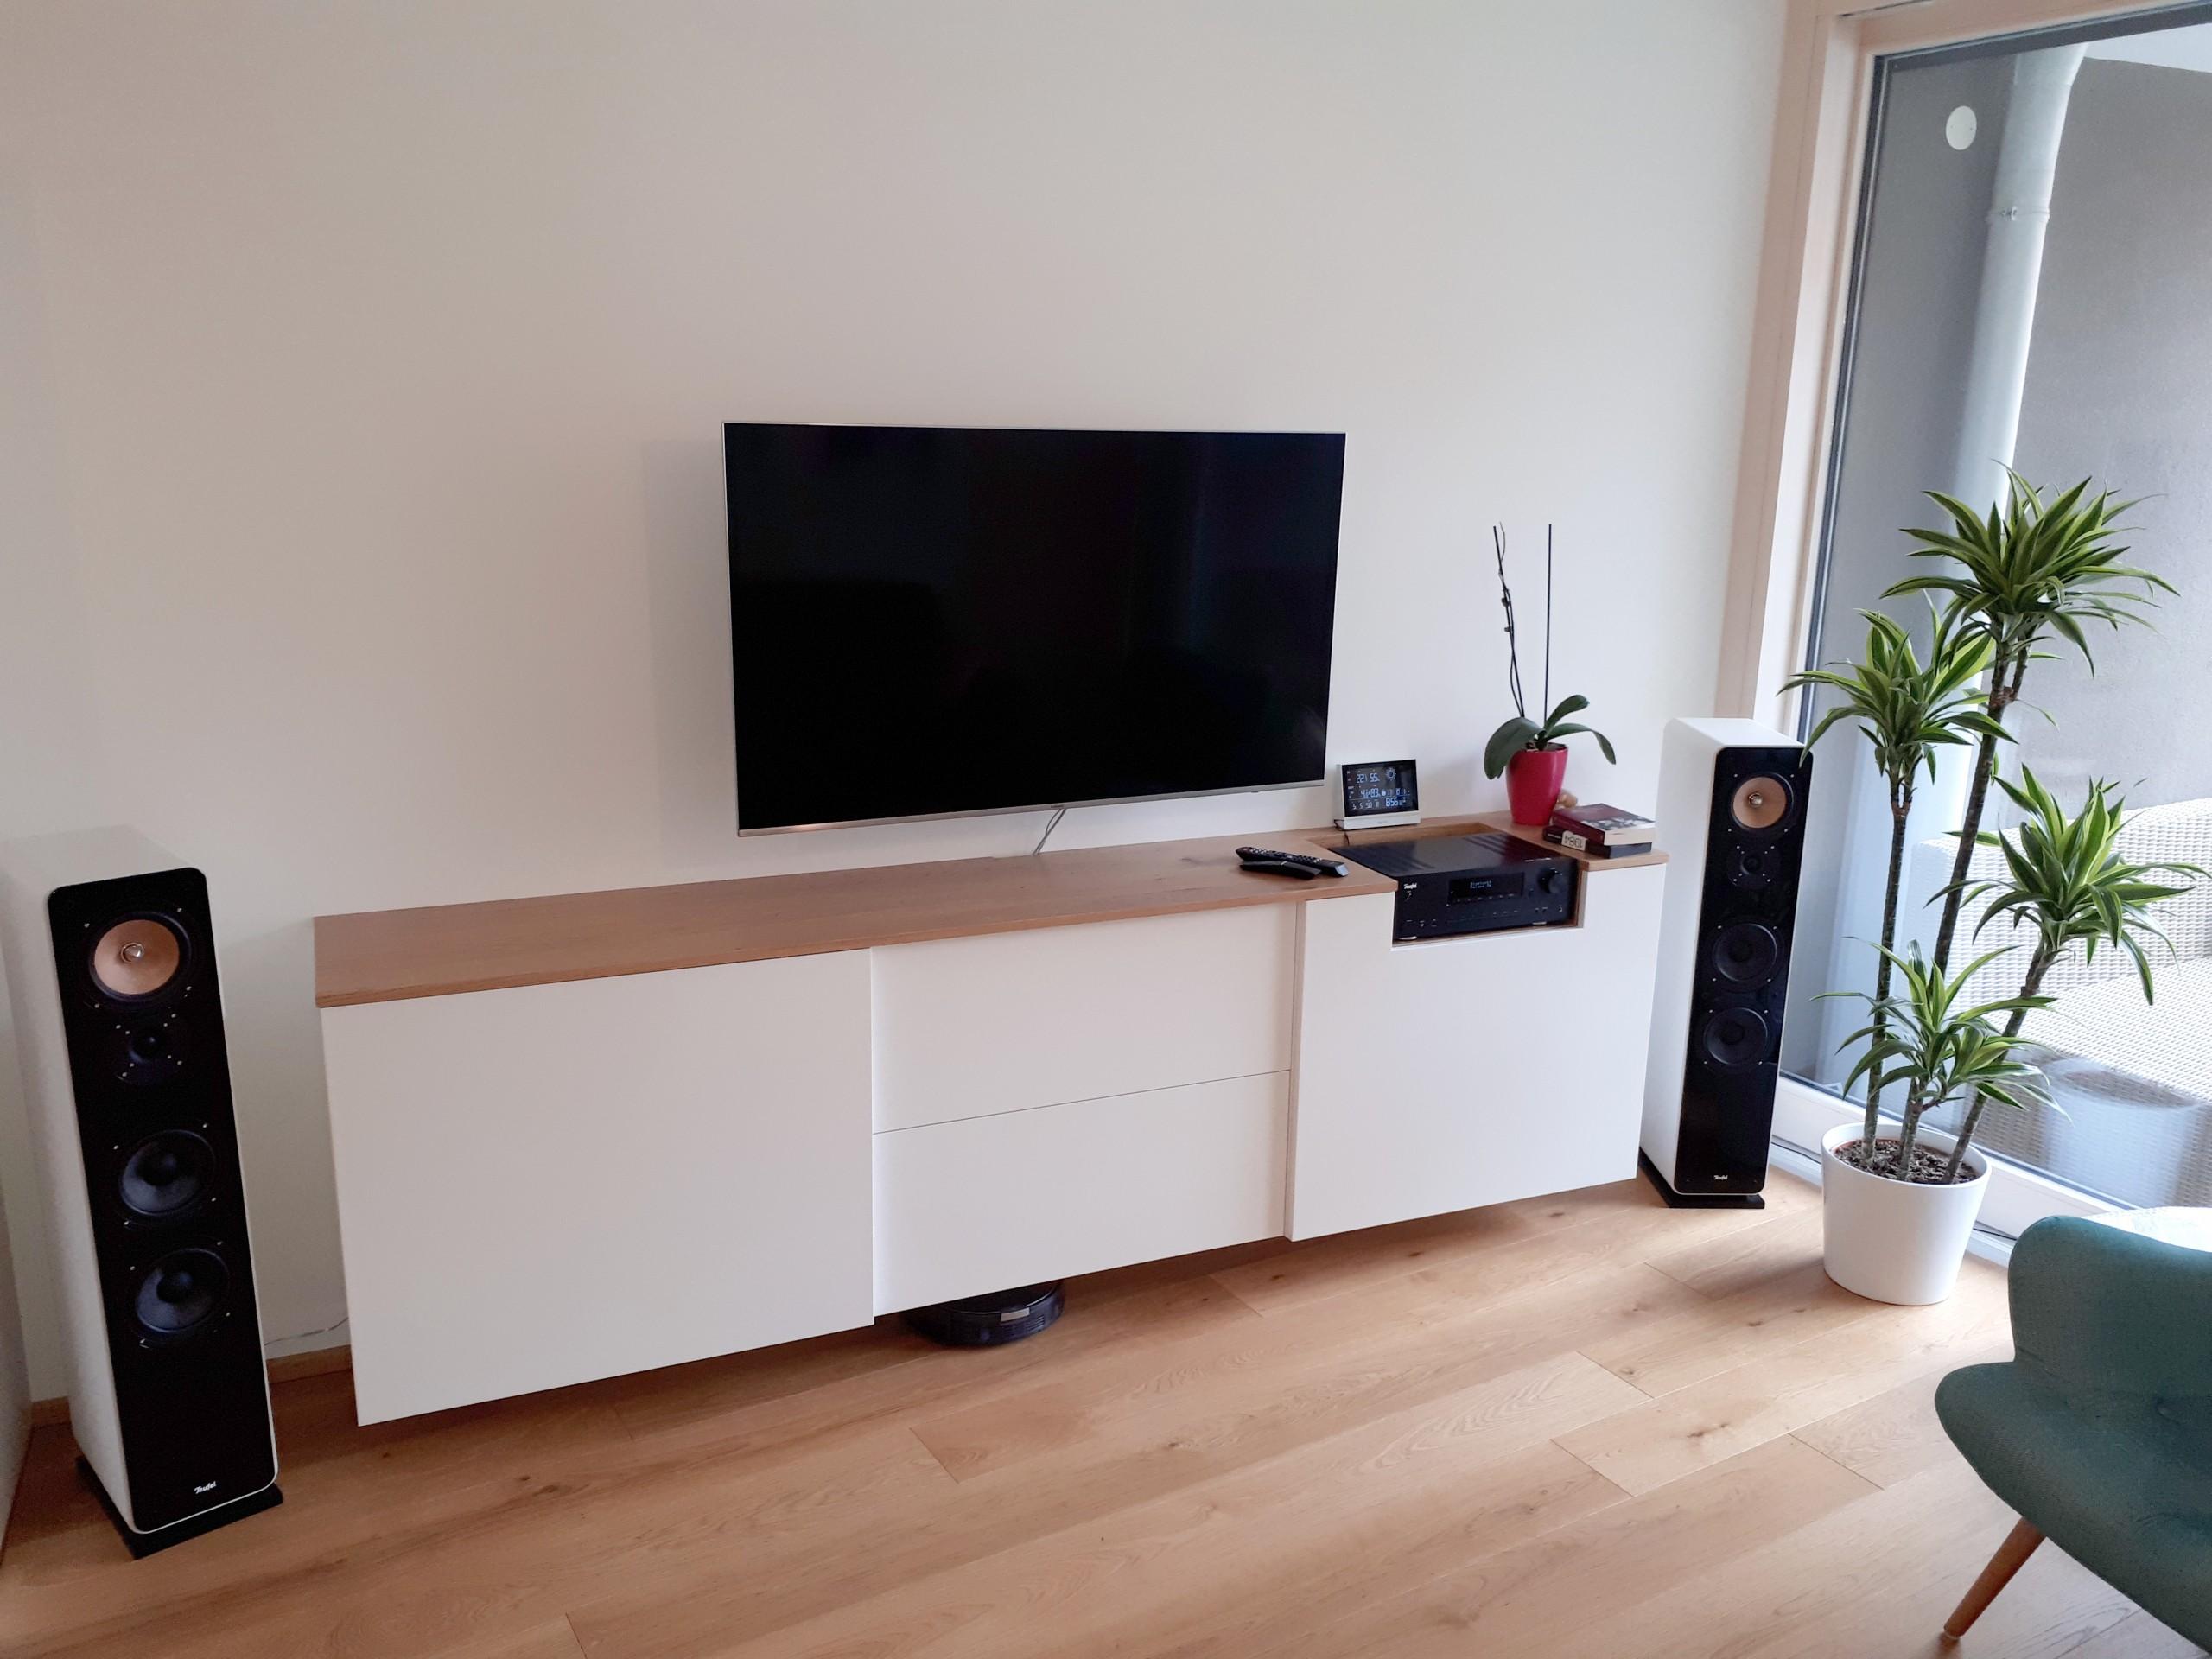 Haus-4-Kommode-Fernsehschrank-Eiche-weiß-lackiert1